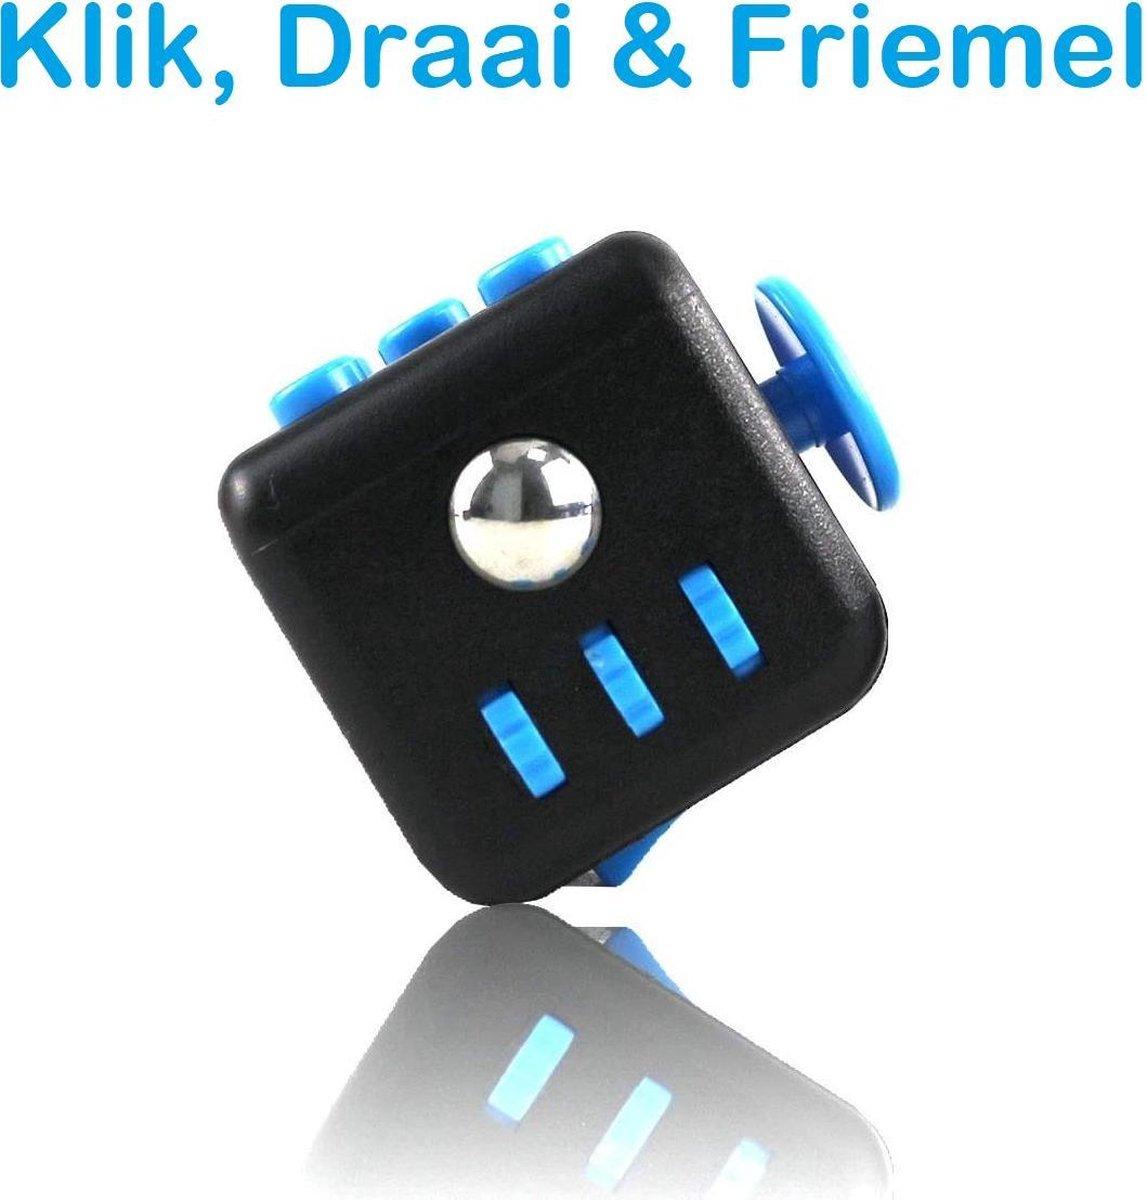 FIDG IT® Fidget Toys Fidget Cube - Pop It - blauw/zwart